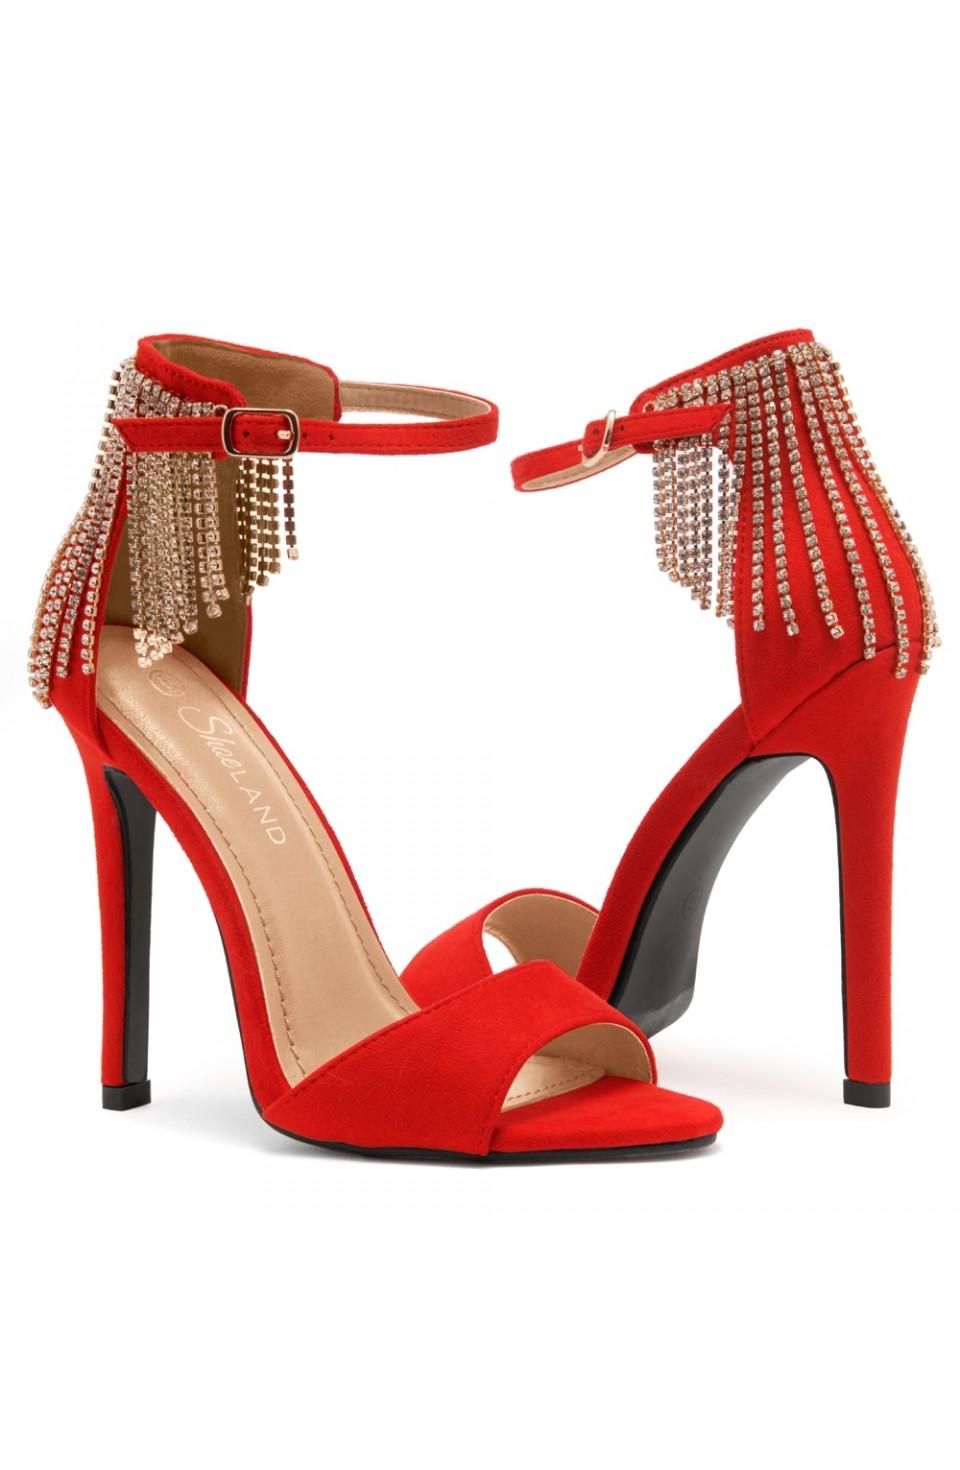 Shoe Land Charming2- Rhinestone Tassel Ankle Strap Open Toe Stiletto Heel (1836/RED)